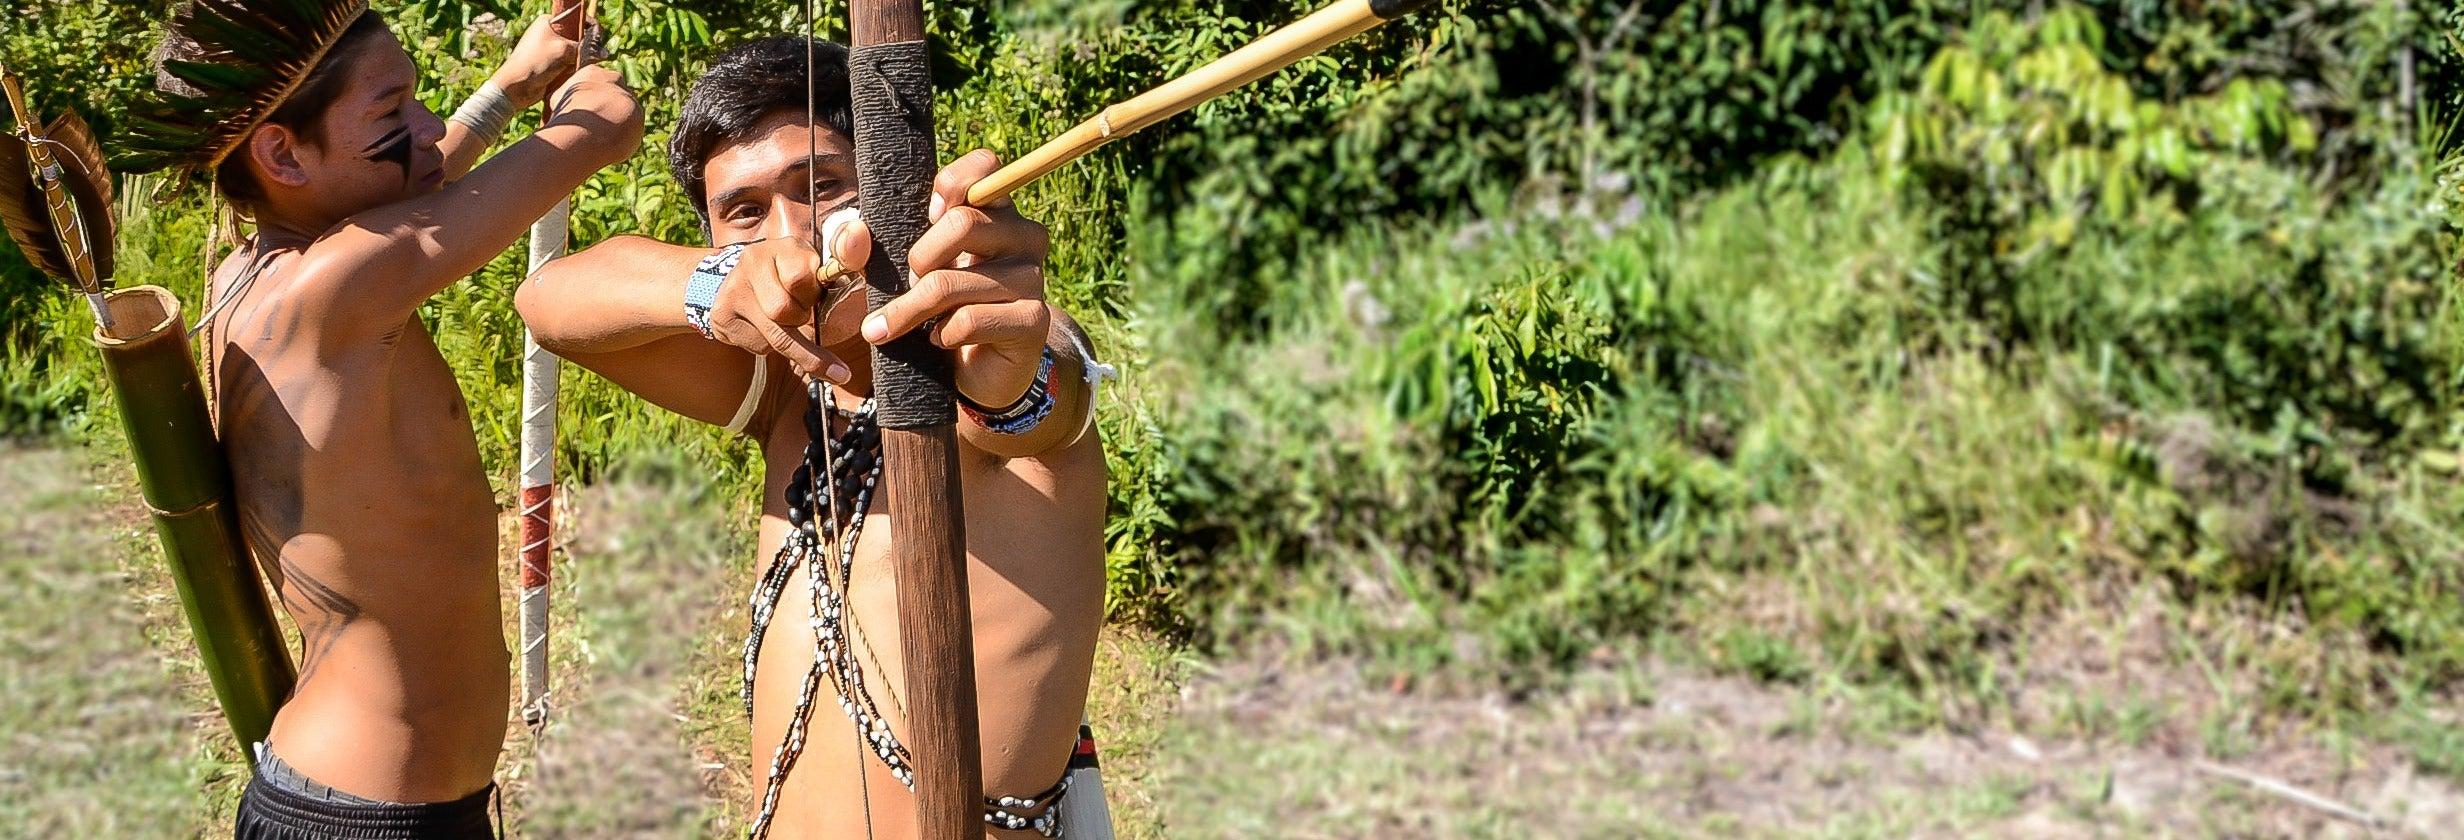 Visita a la tribu guaraní Ribeirão Silveira